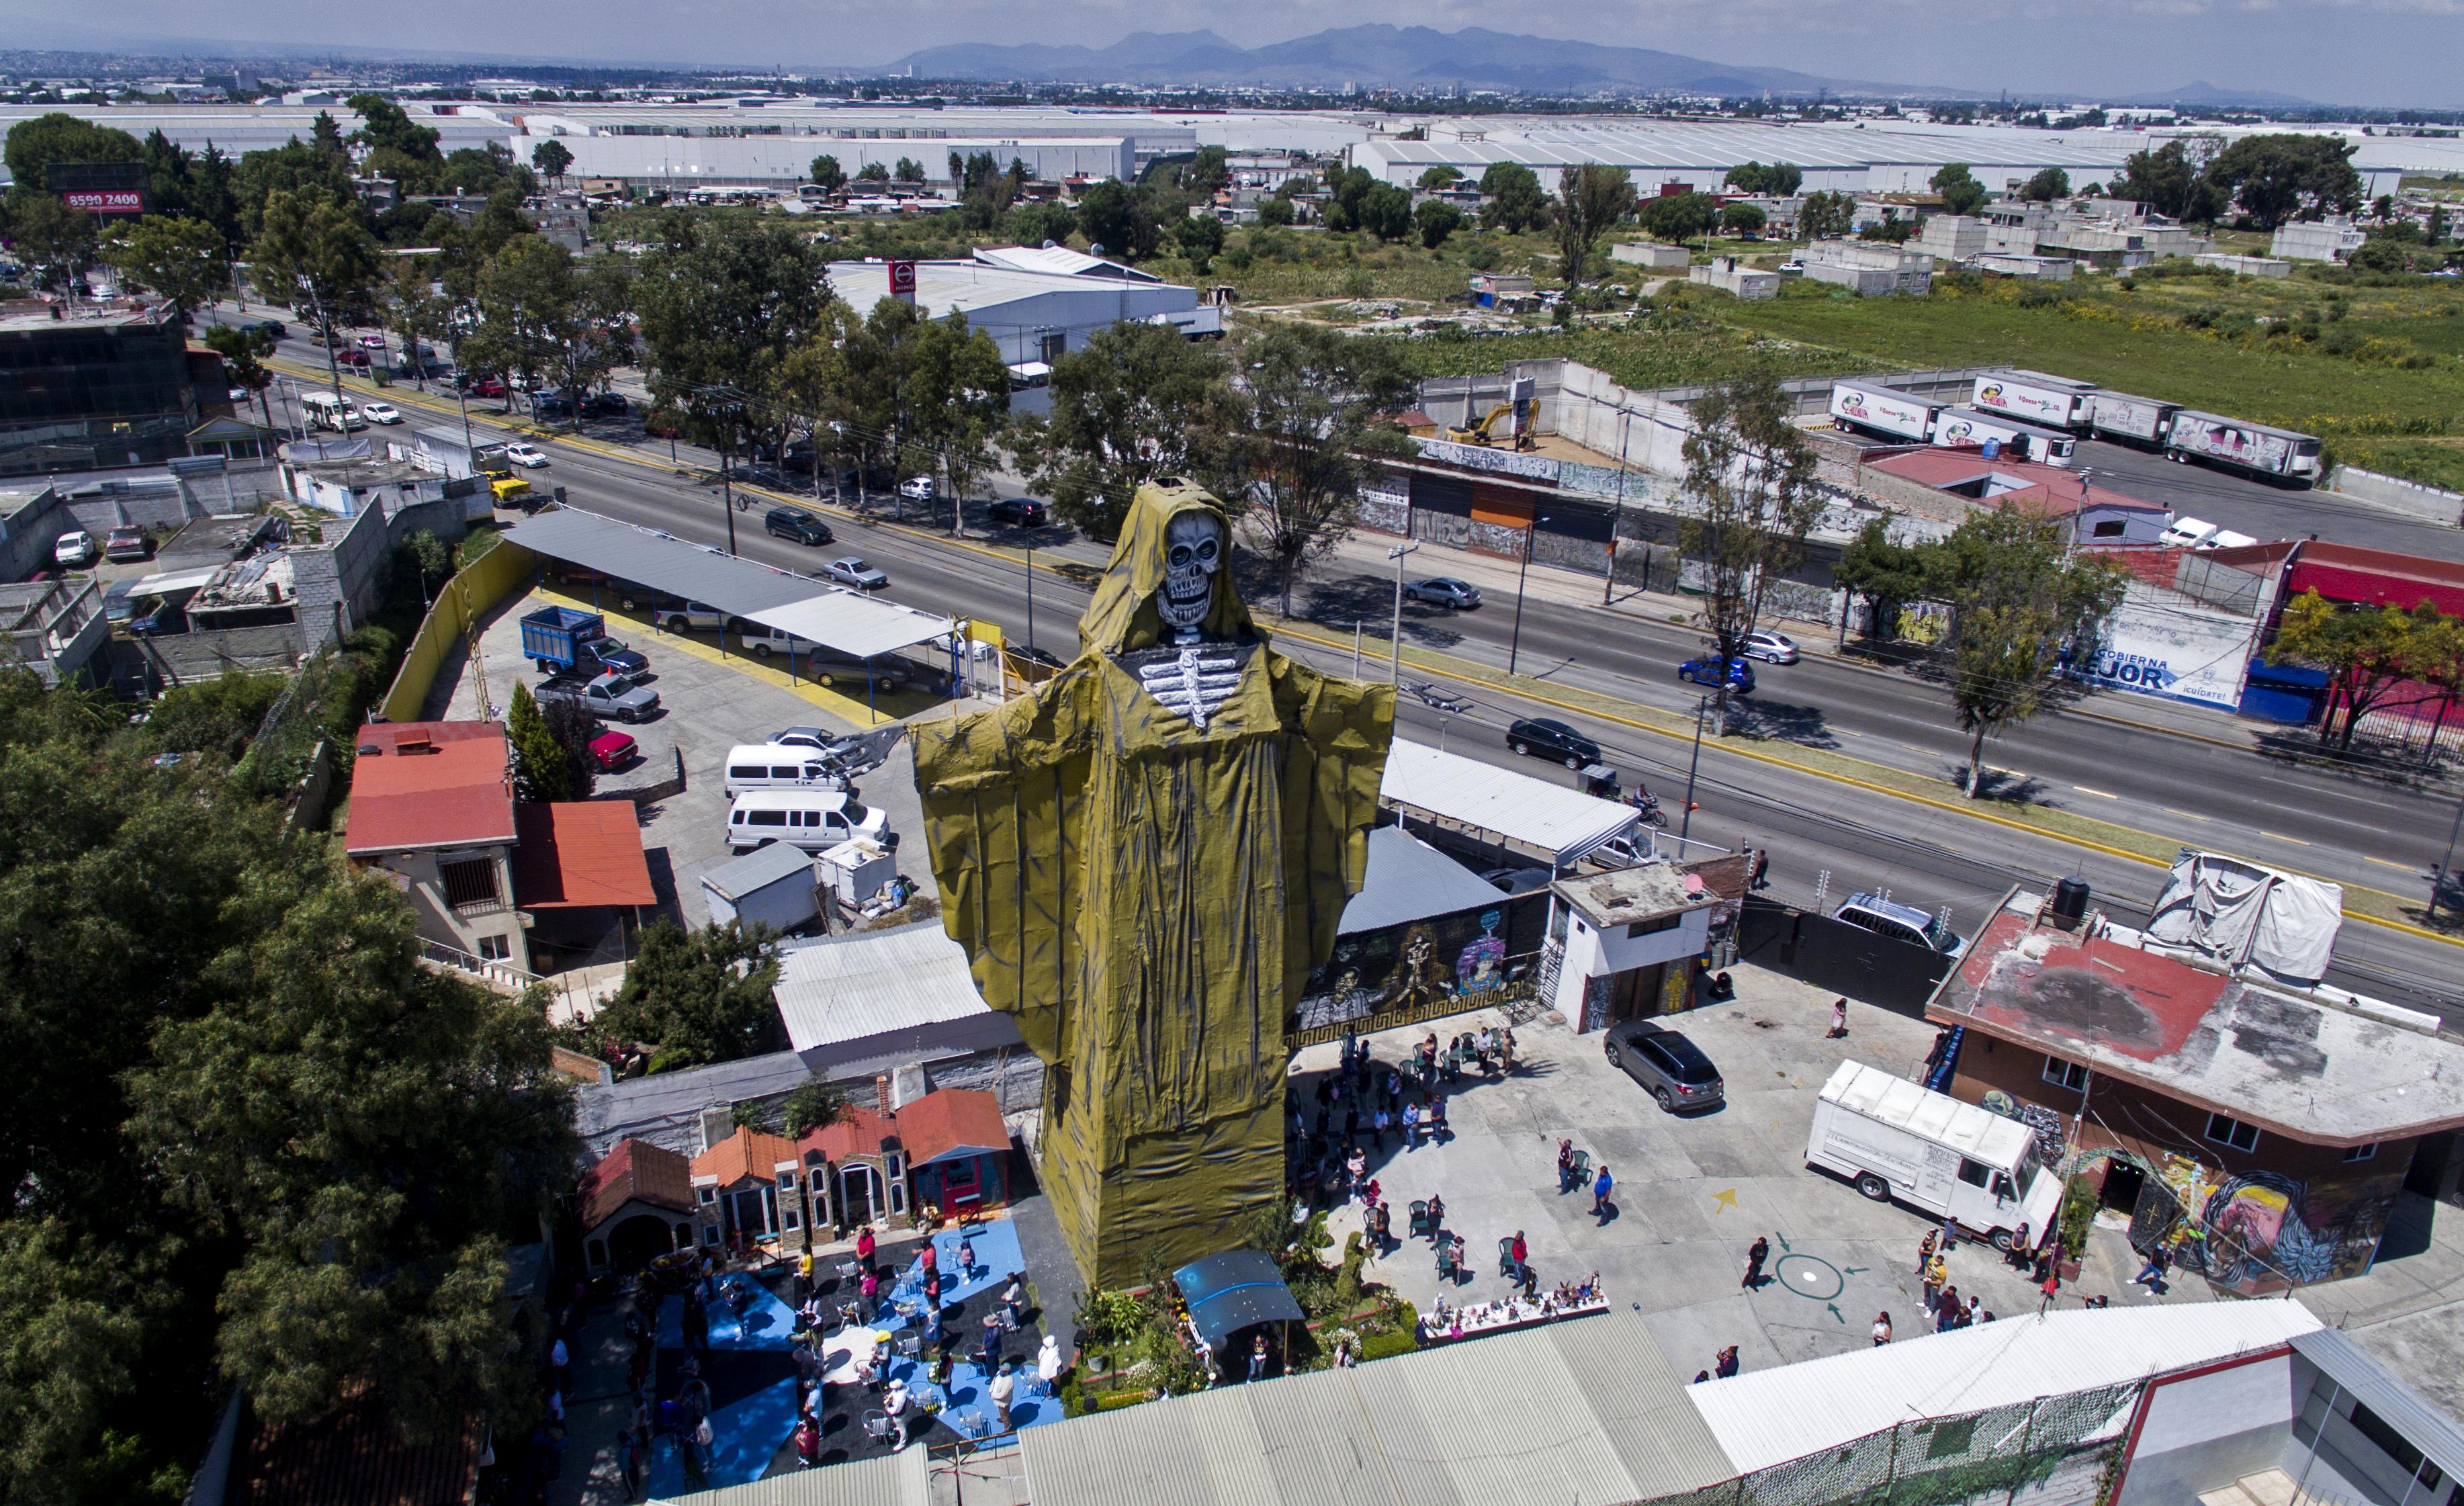 Vista aérea de una figura de la Santa Muerte de 22 metros de altura durante una ceremonia en el Santuario Internacional de la Santa Muerte en el municipio de Tultitlán, Estado de México, México, el 4 de octubre de 2020